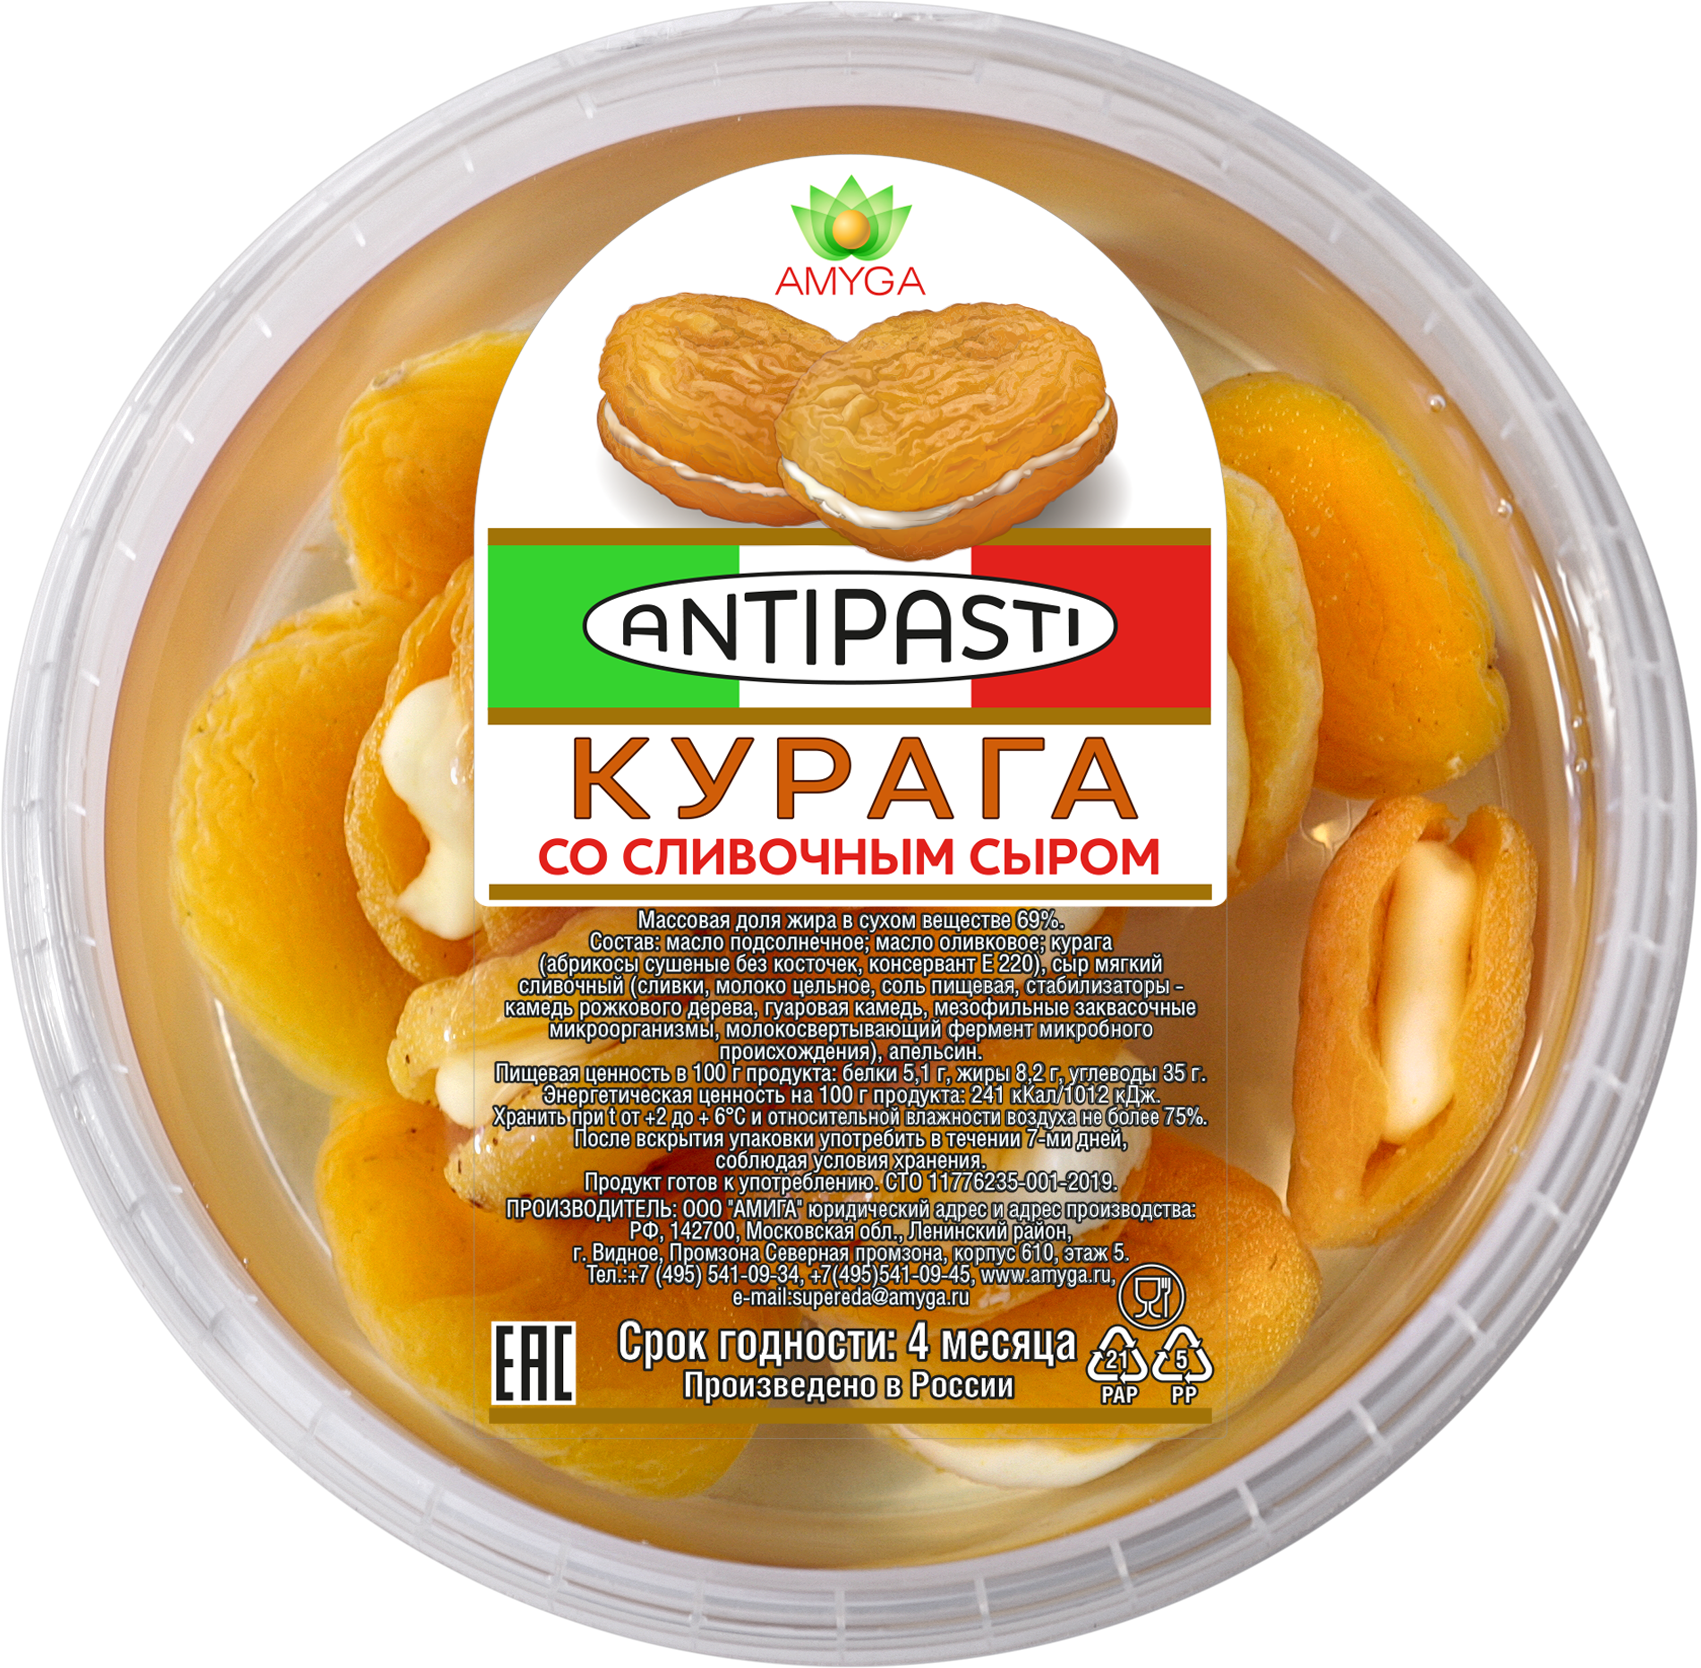 Курагасо сливочным сыром